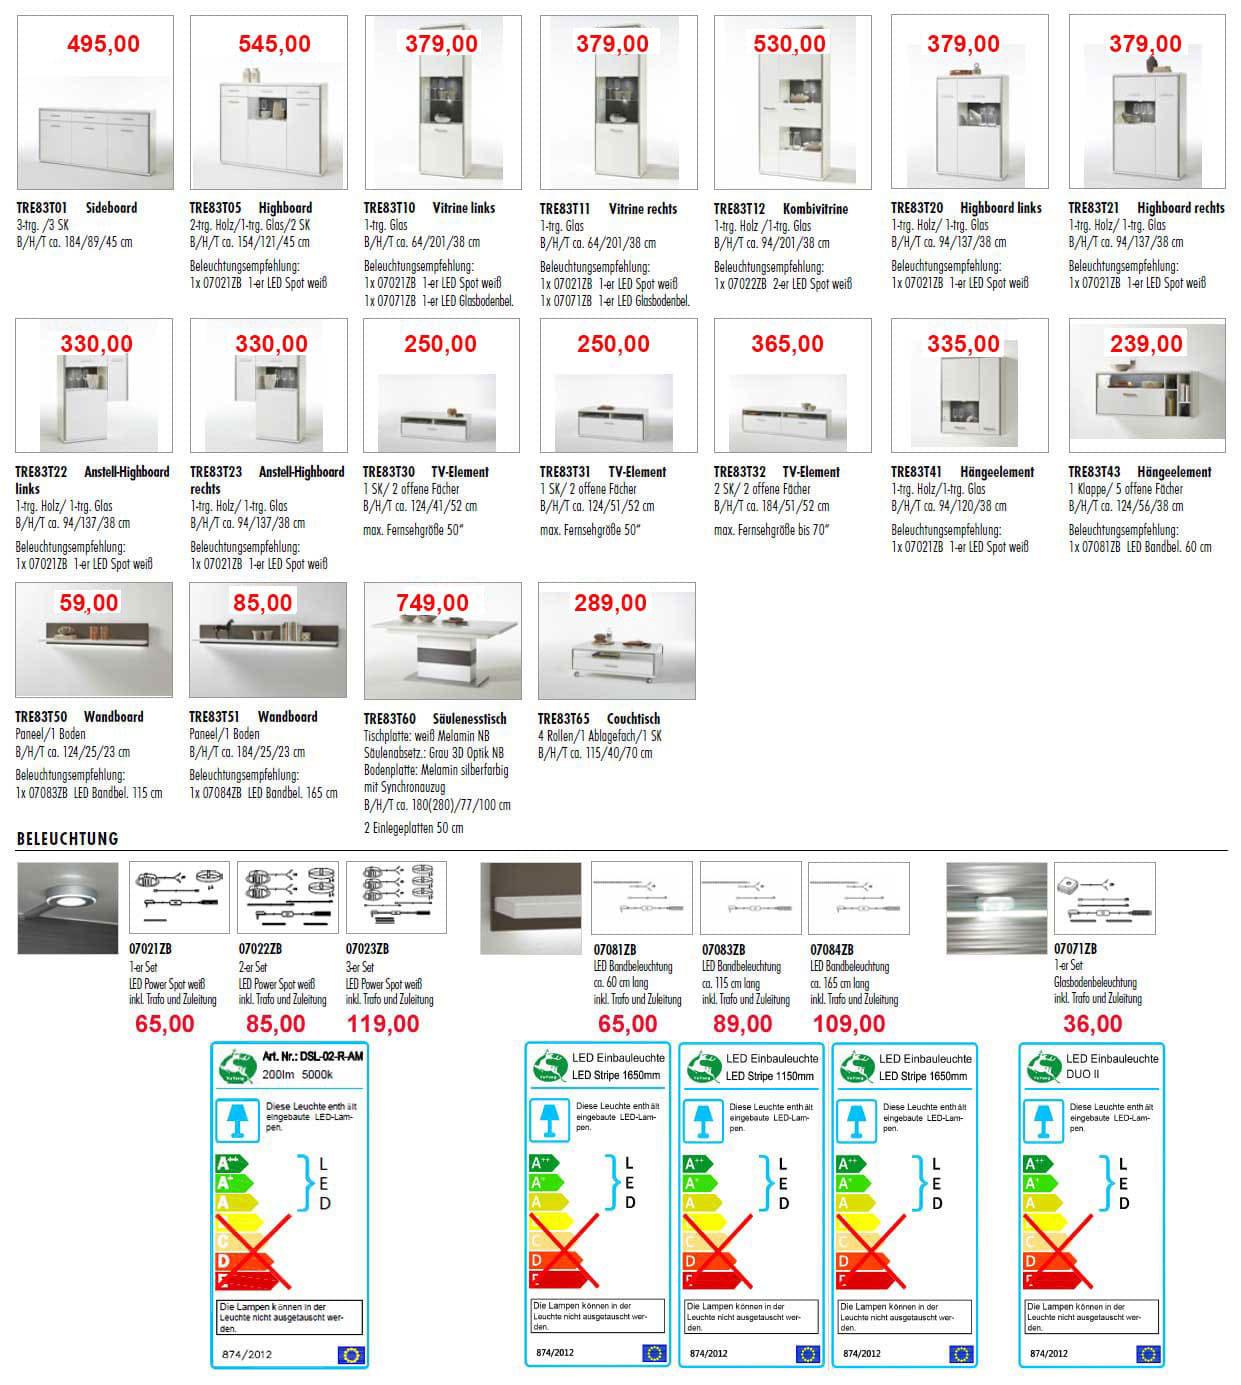 MCA Trento Wohnzimmermöbel Typenplan